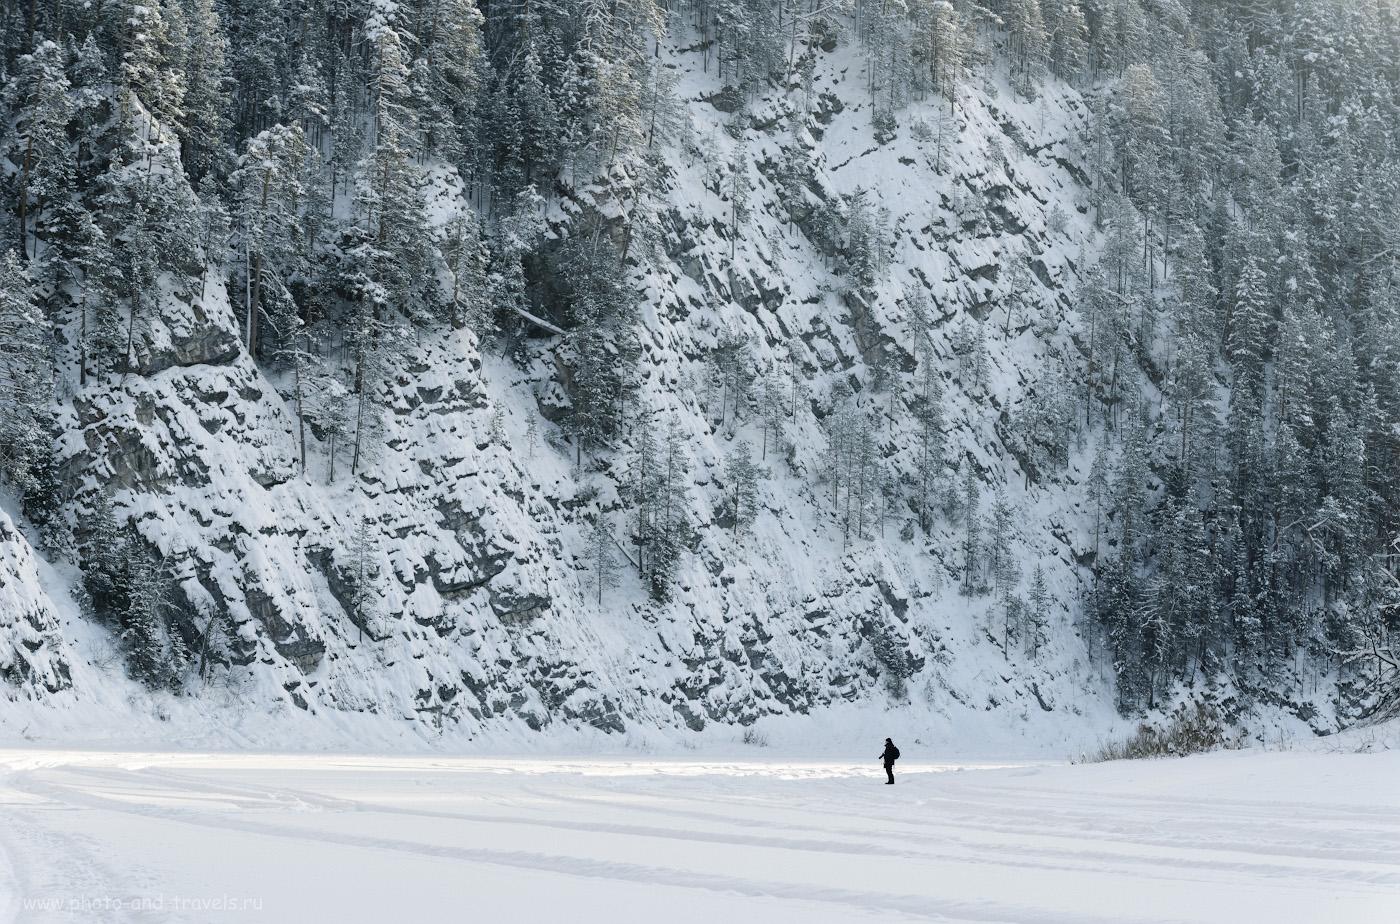 Фото 18. Одинокий фотограф на льду Чусовой у камня Великан. Интересные места для походов выходного дня в Пермском крае. 1/250, 5.6, 125, +0.67, 100.